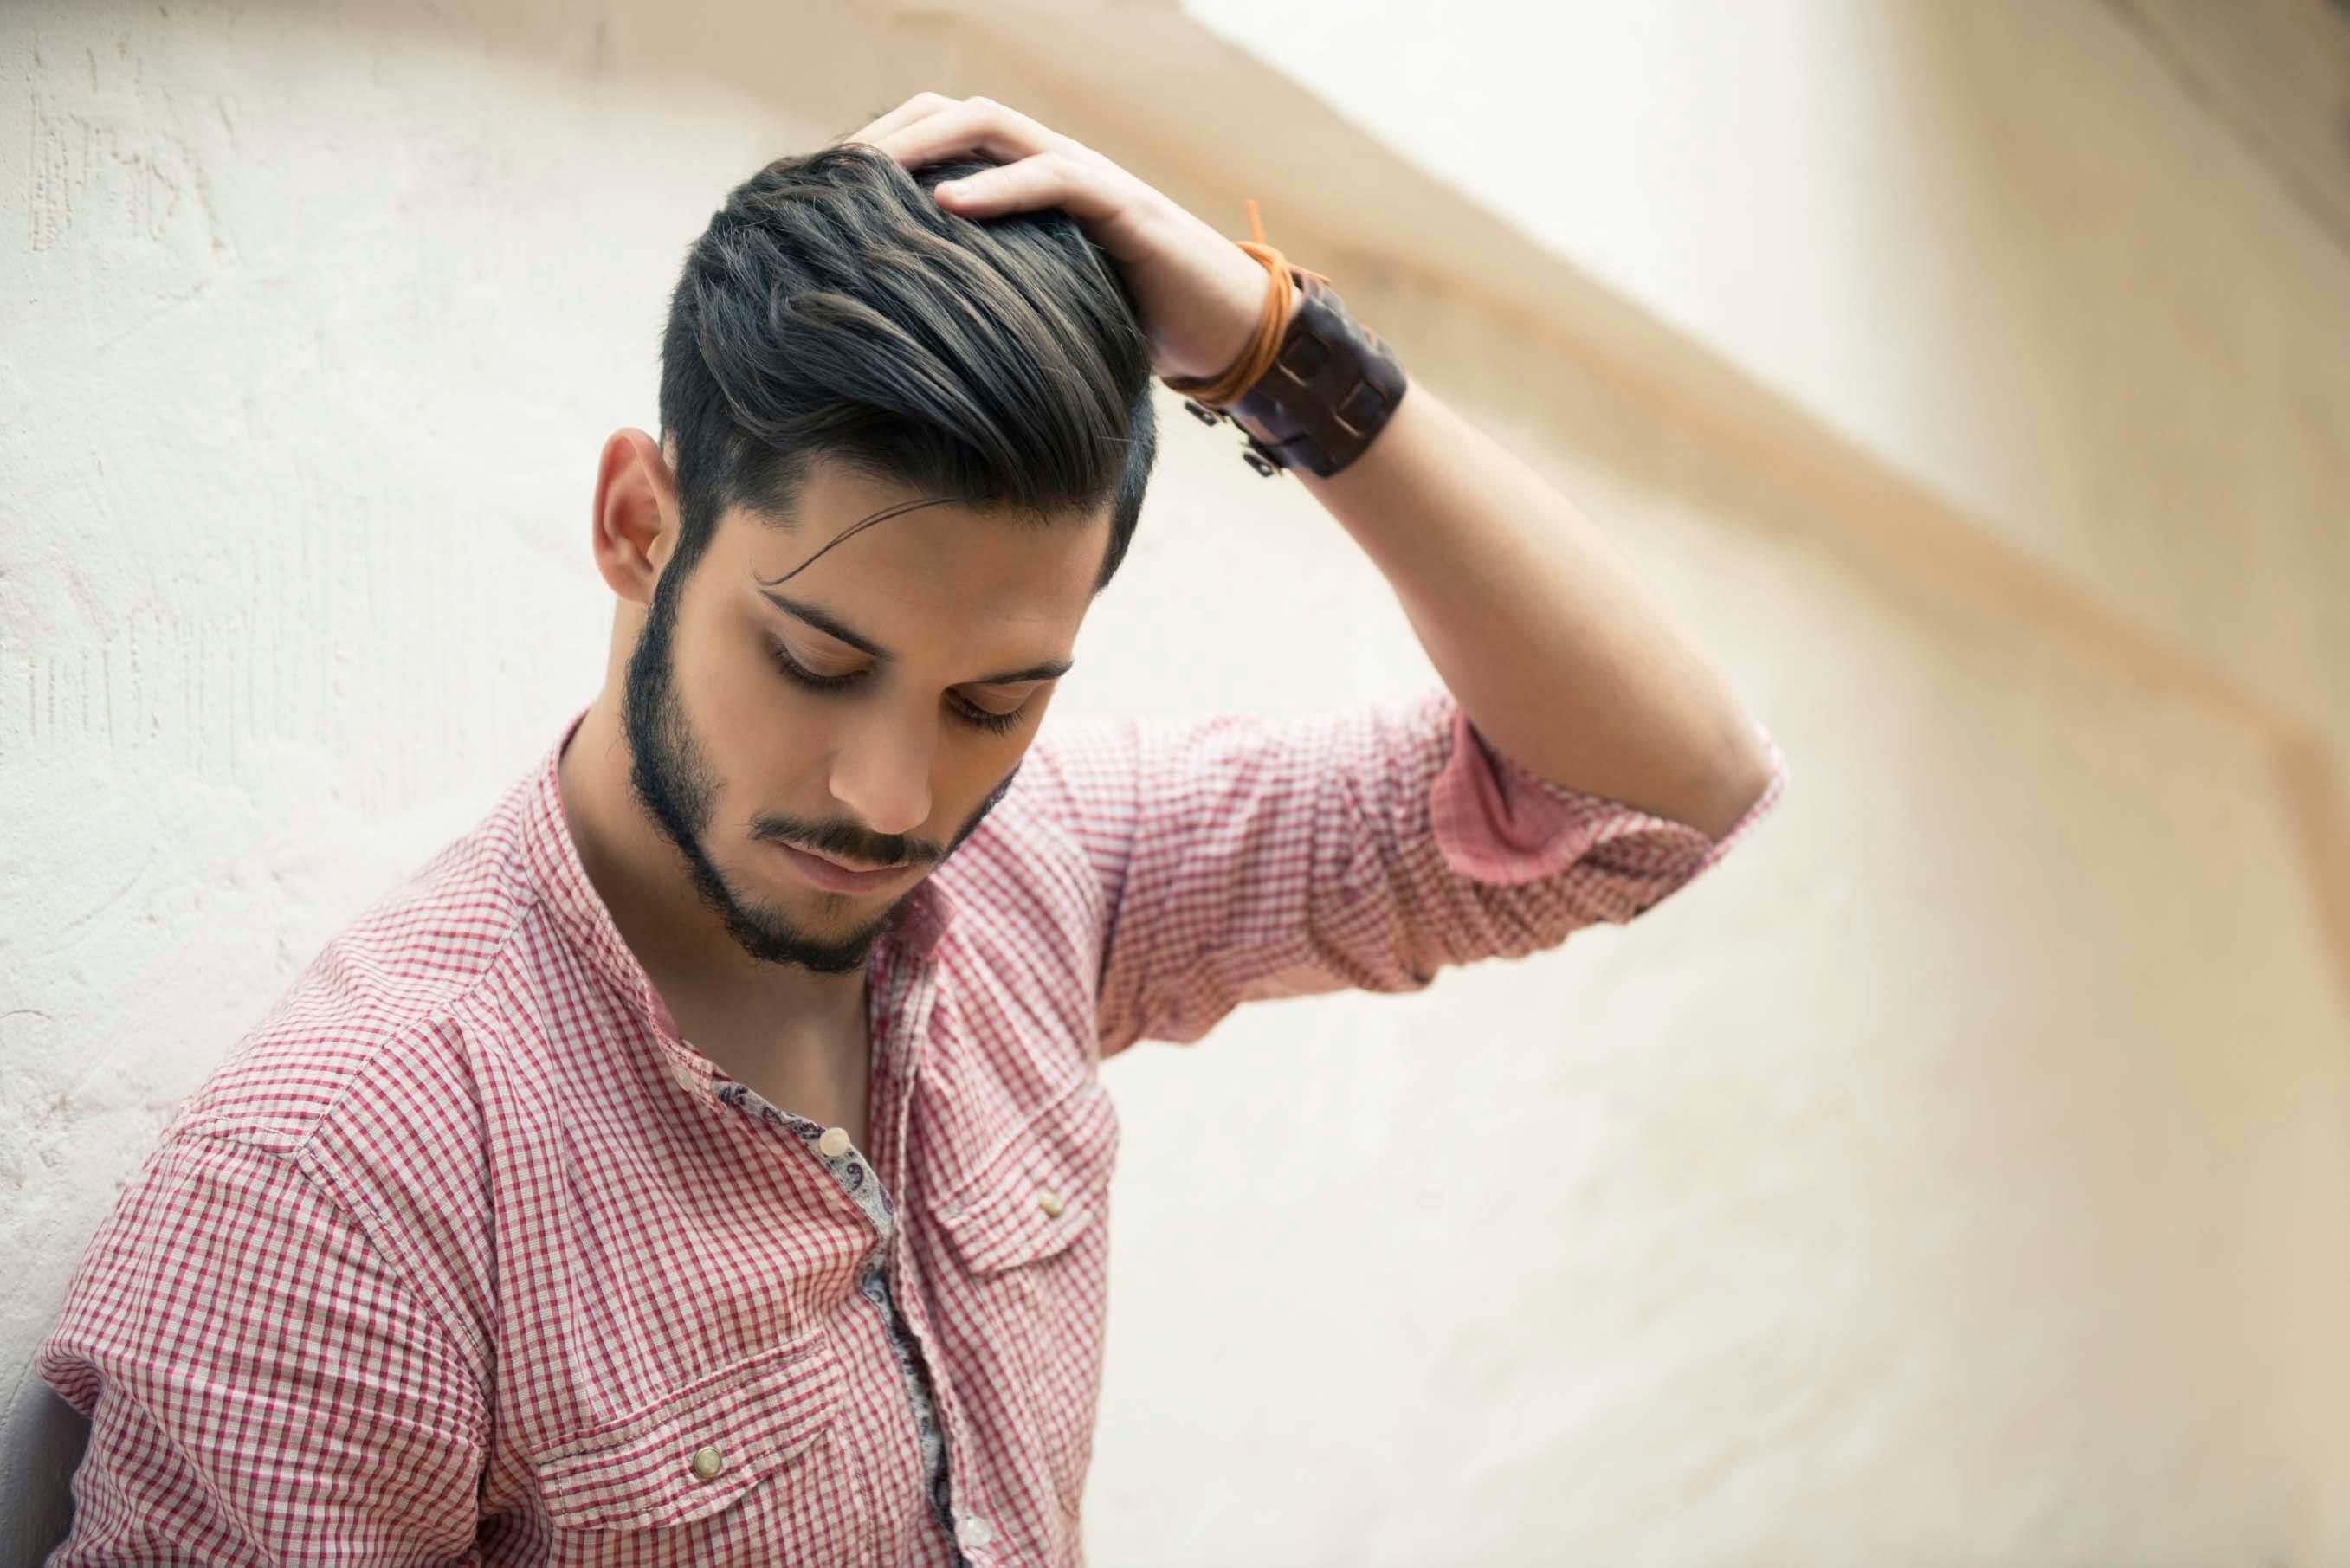 Kiểu tóc hợp với khuôn mặt dài gầy của nam